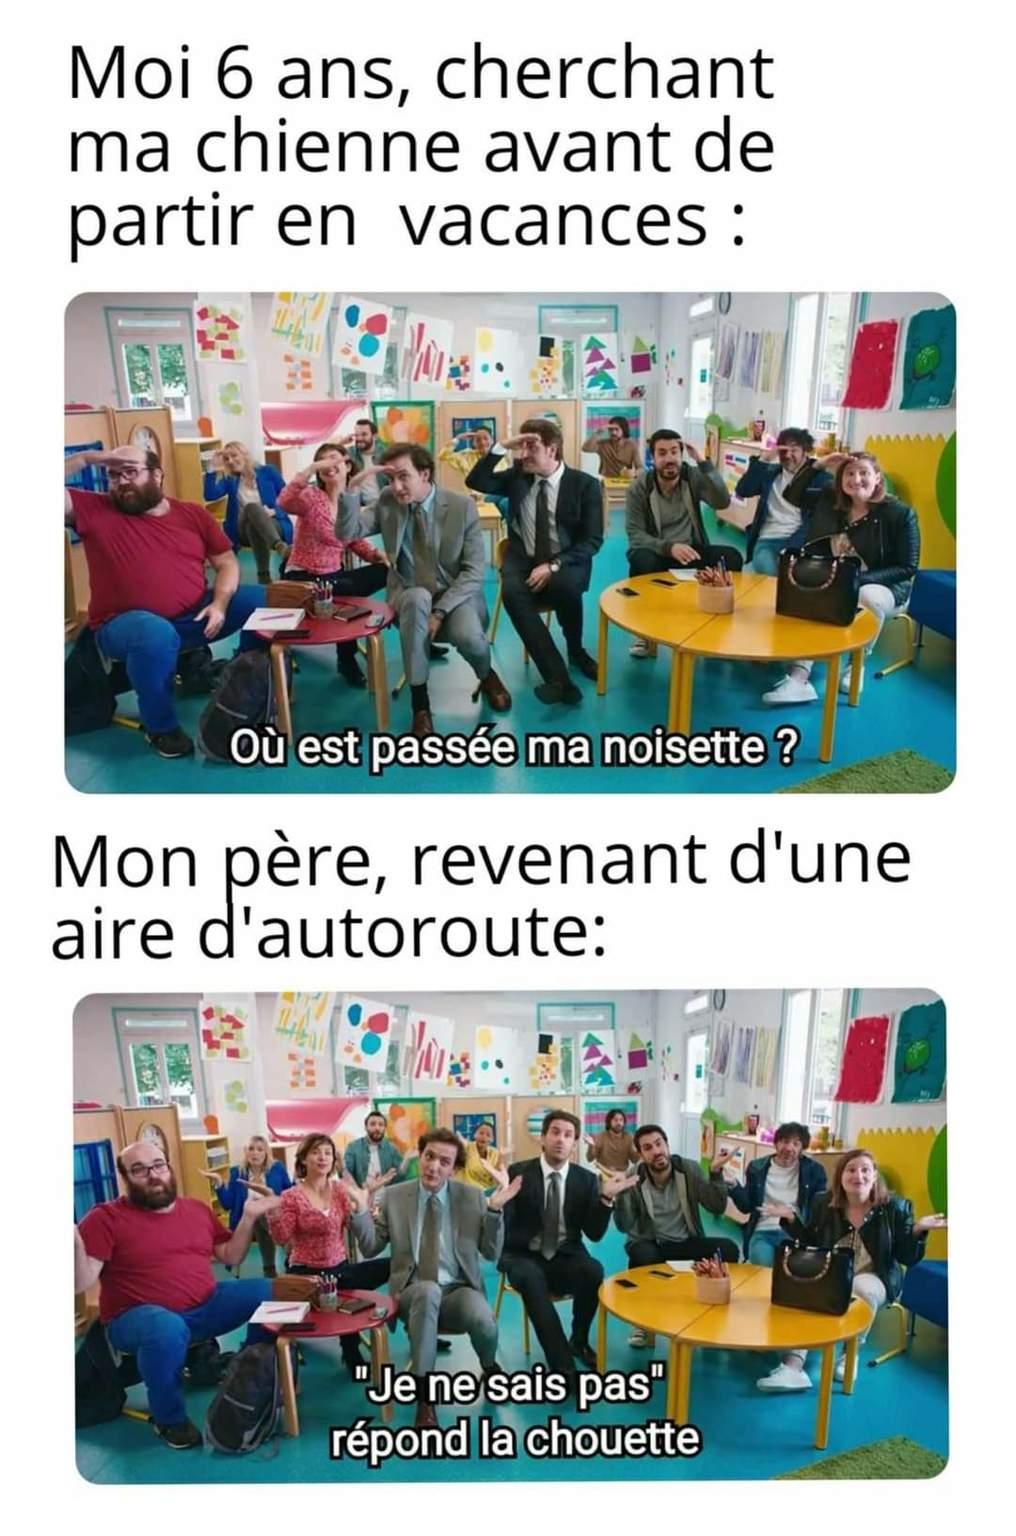 19h35 je sors du taf ಥ‿ಥ - meme